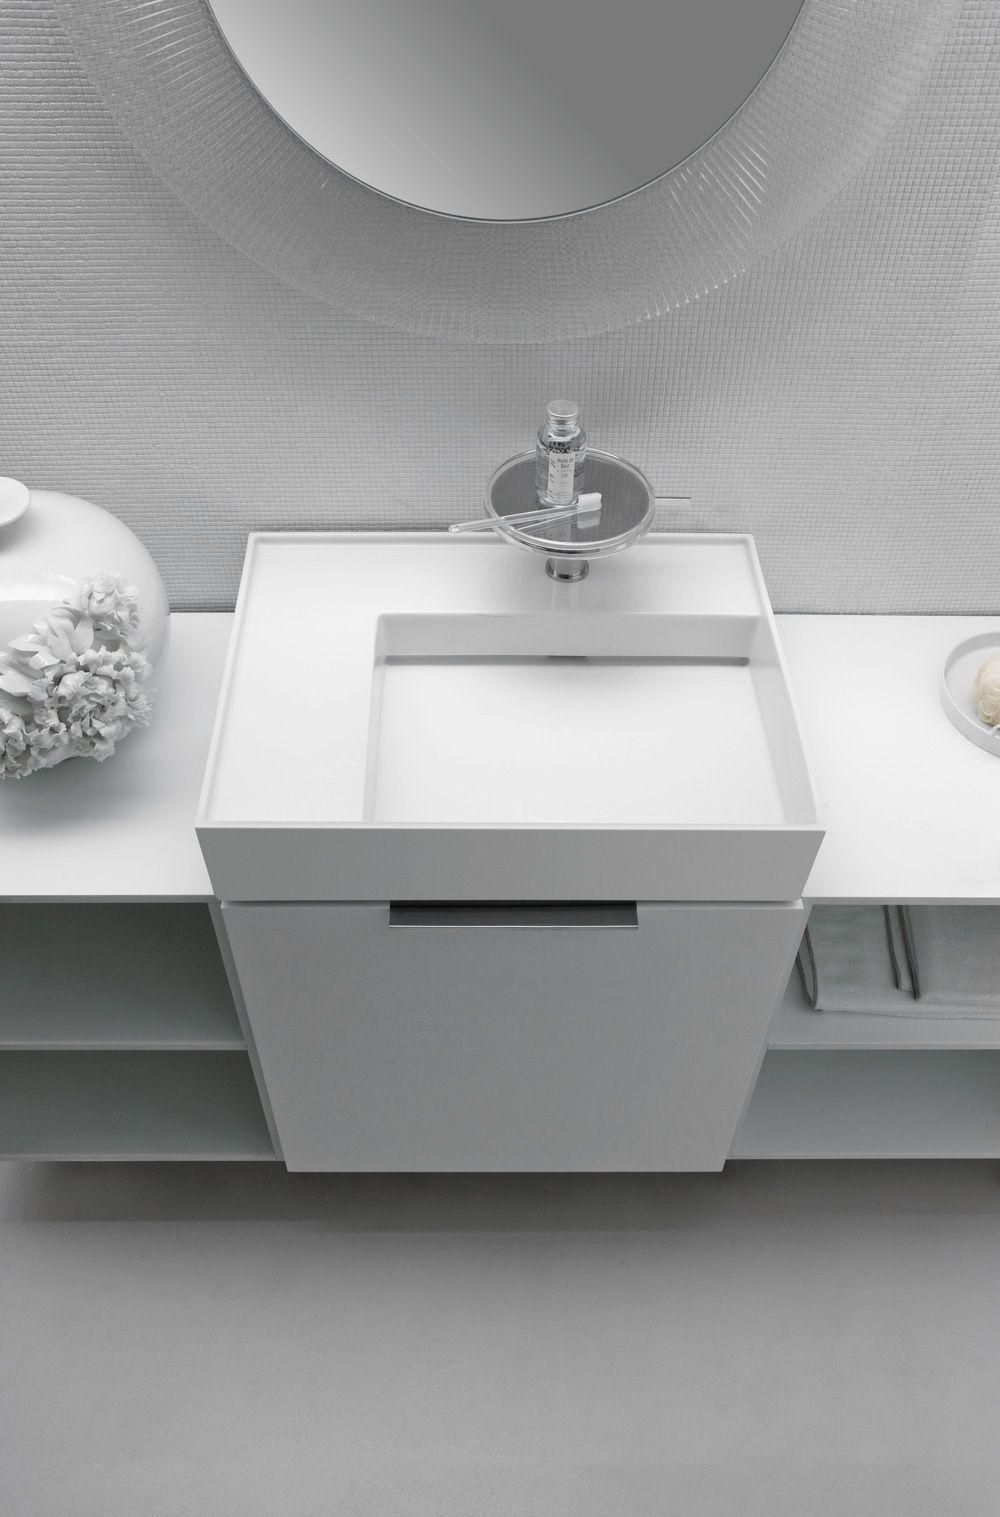 petit meuble vasque compact kartell by laufen 650 sanitaires pinterest sdb salle de. Black Bedroom Furniture Sets. Home Design Ideas